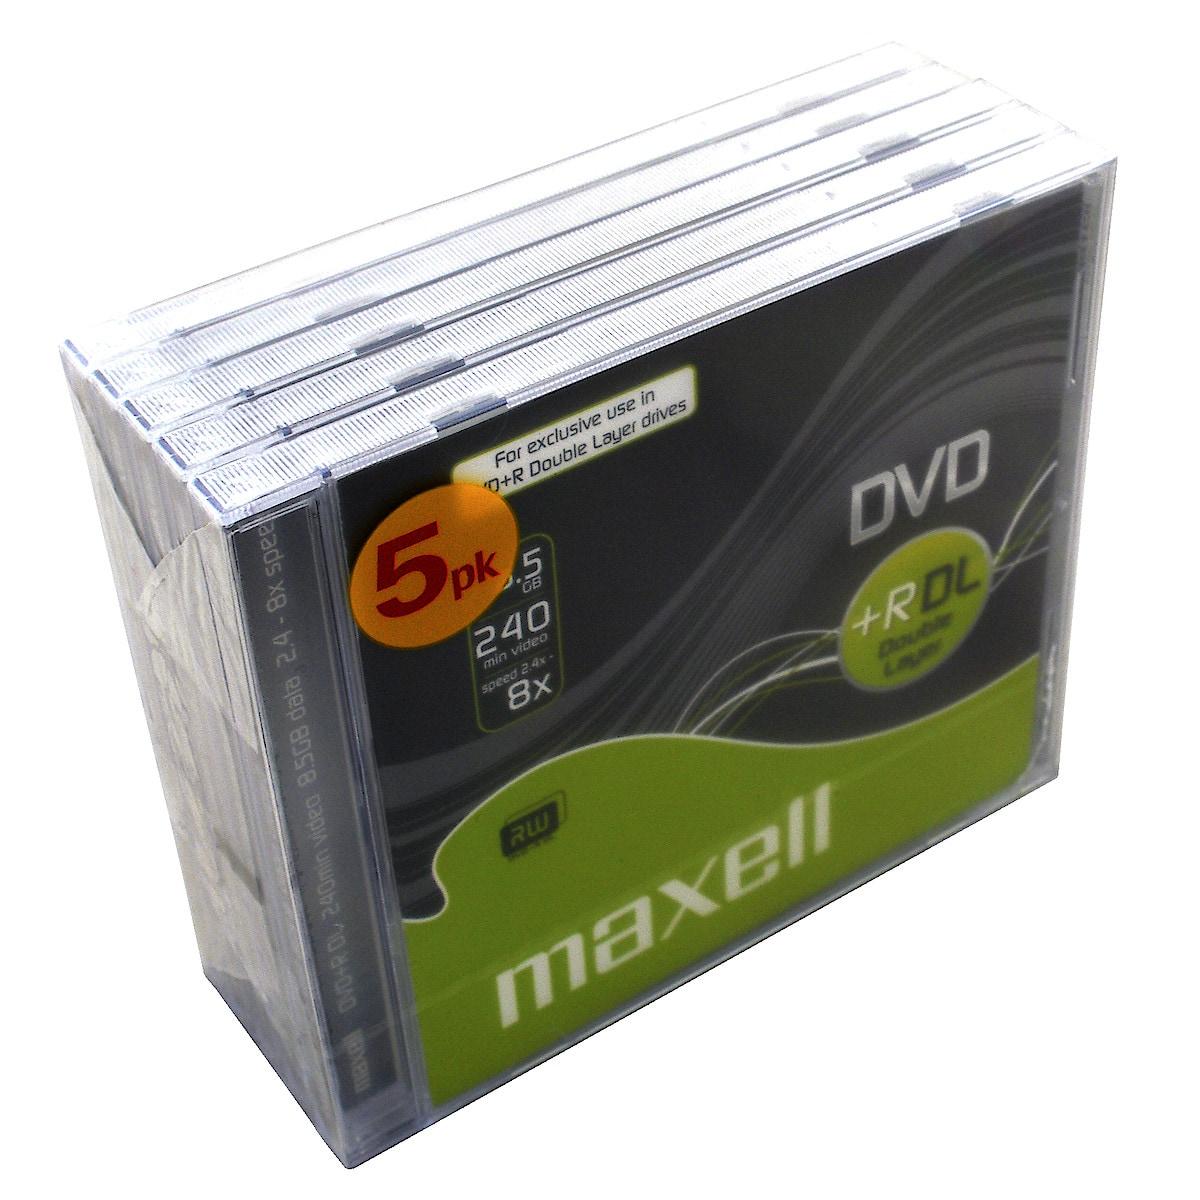 DVD+R DL 85 GB